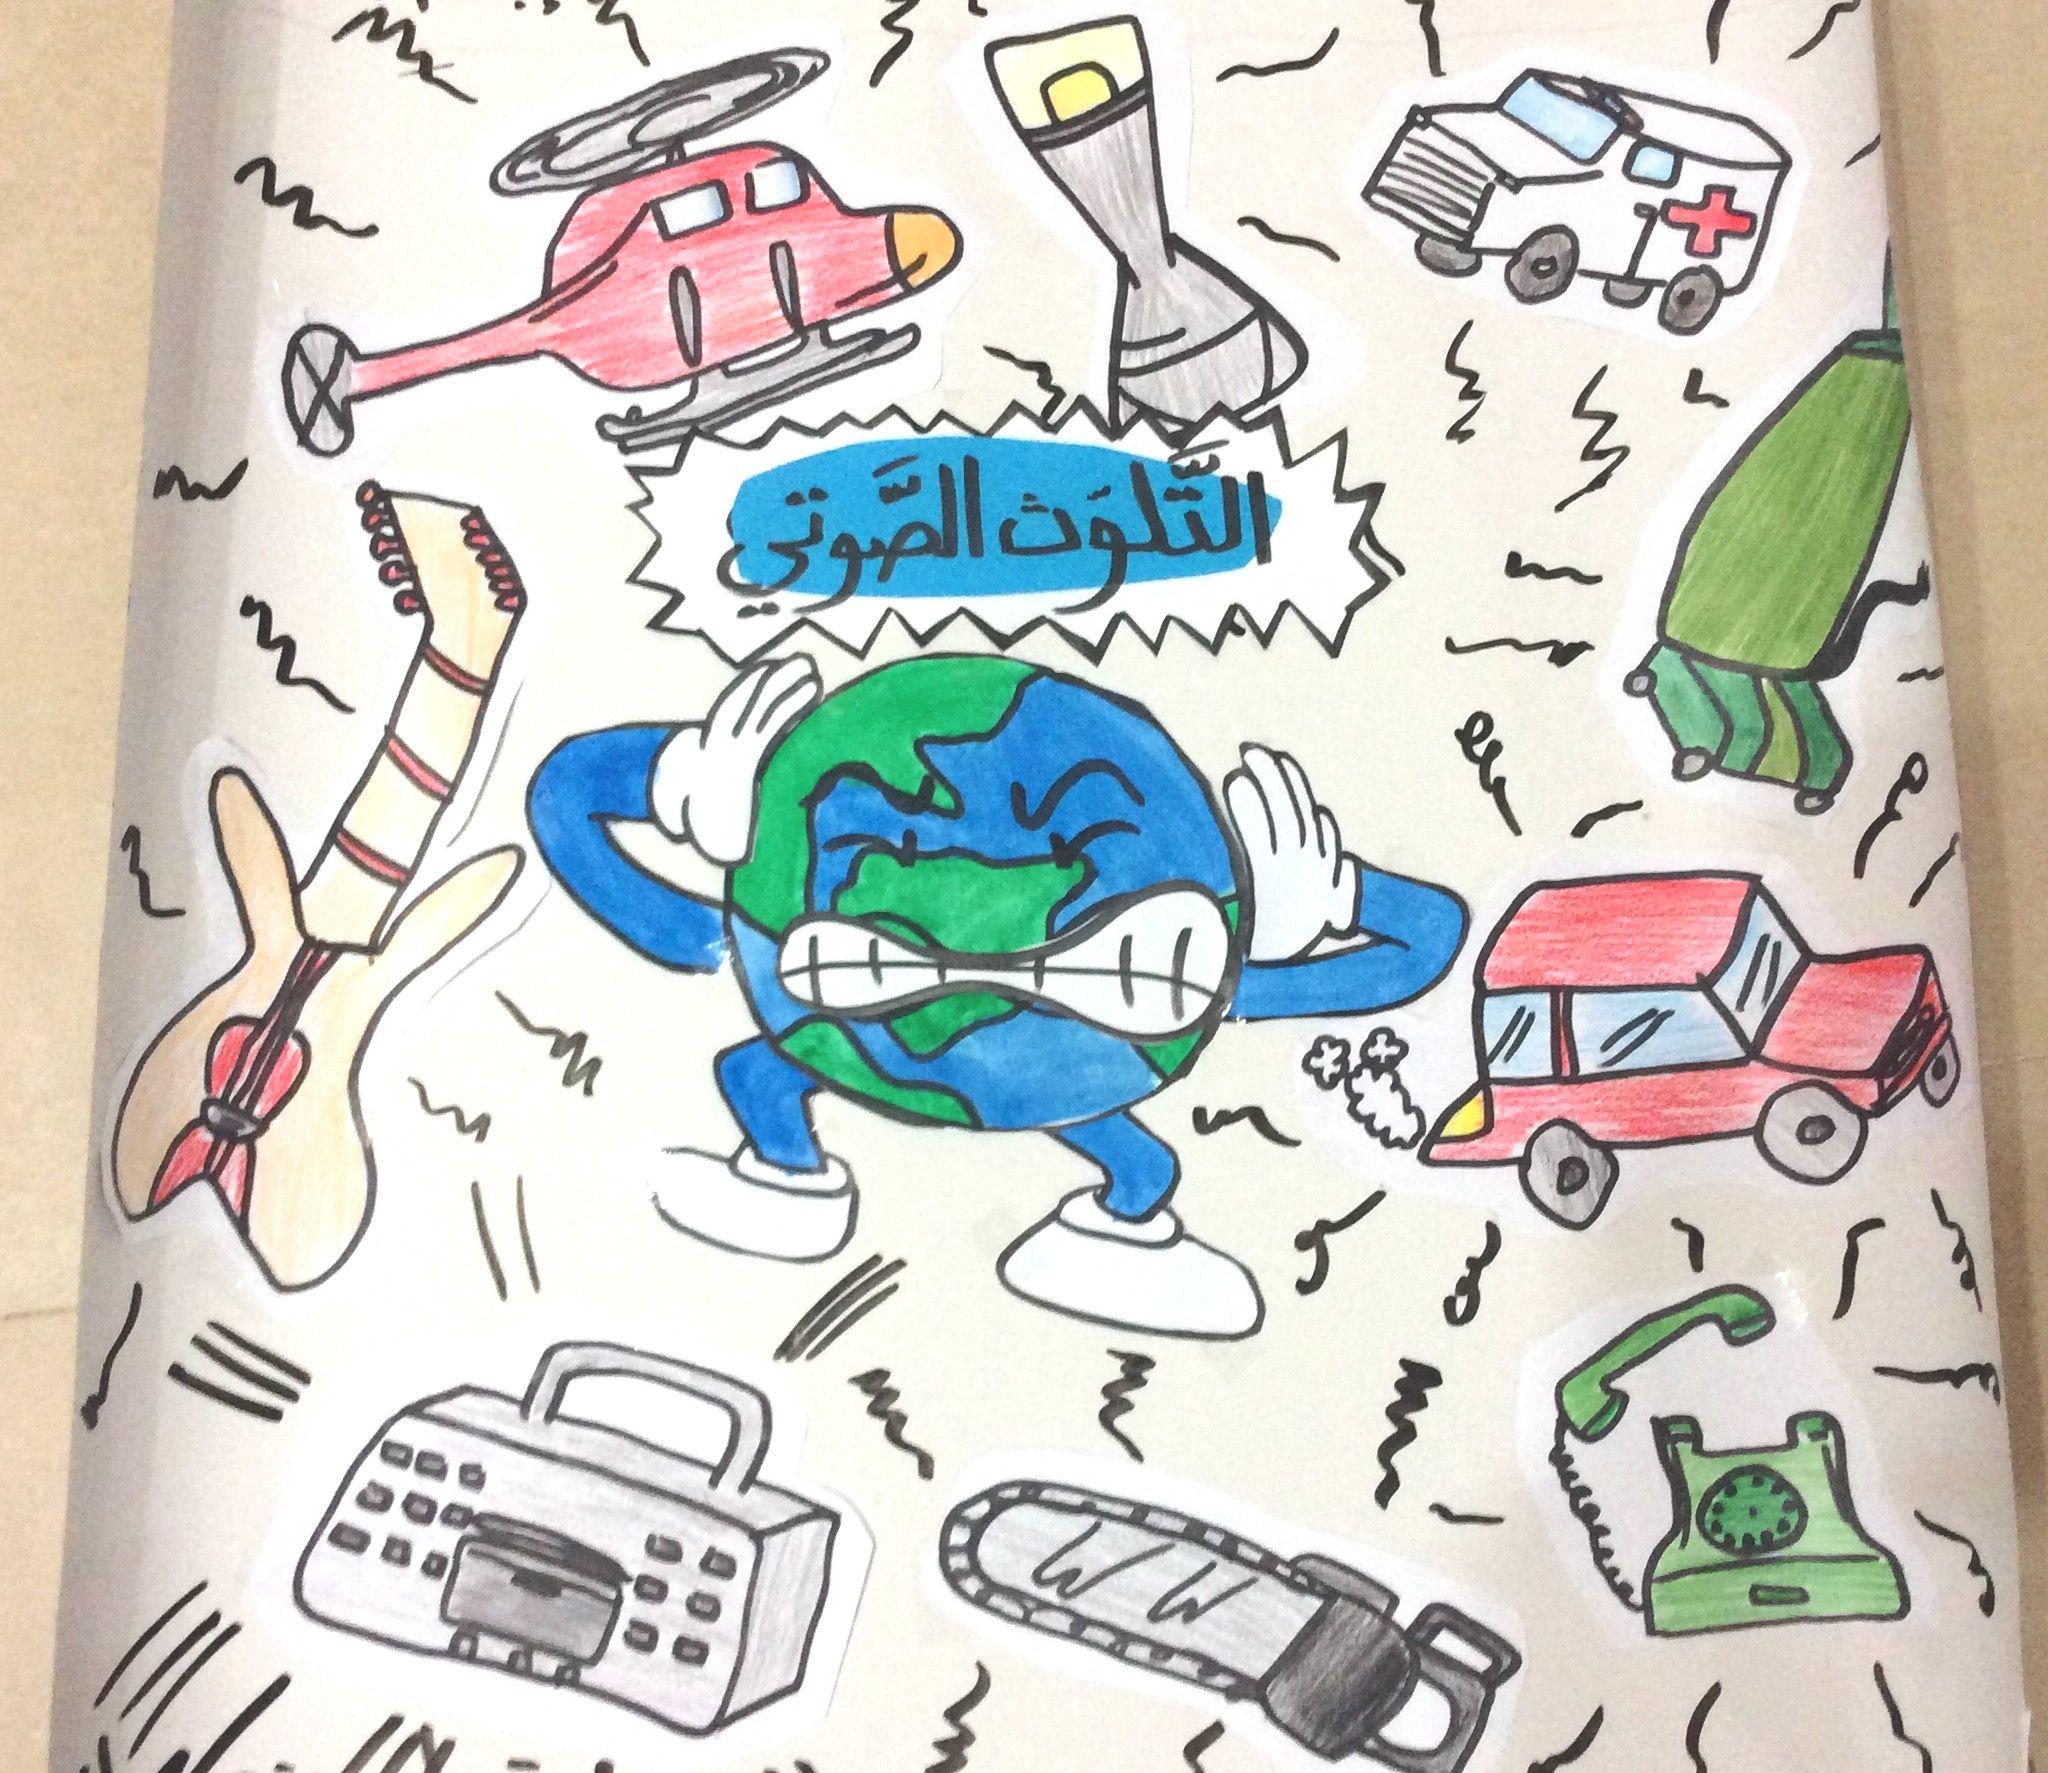 لوحة للاطفال عن مضار التلوث الصوتي Poster For Kids About Sound Pollution Pollution Activities Activities Poster